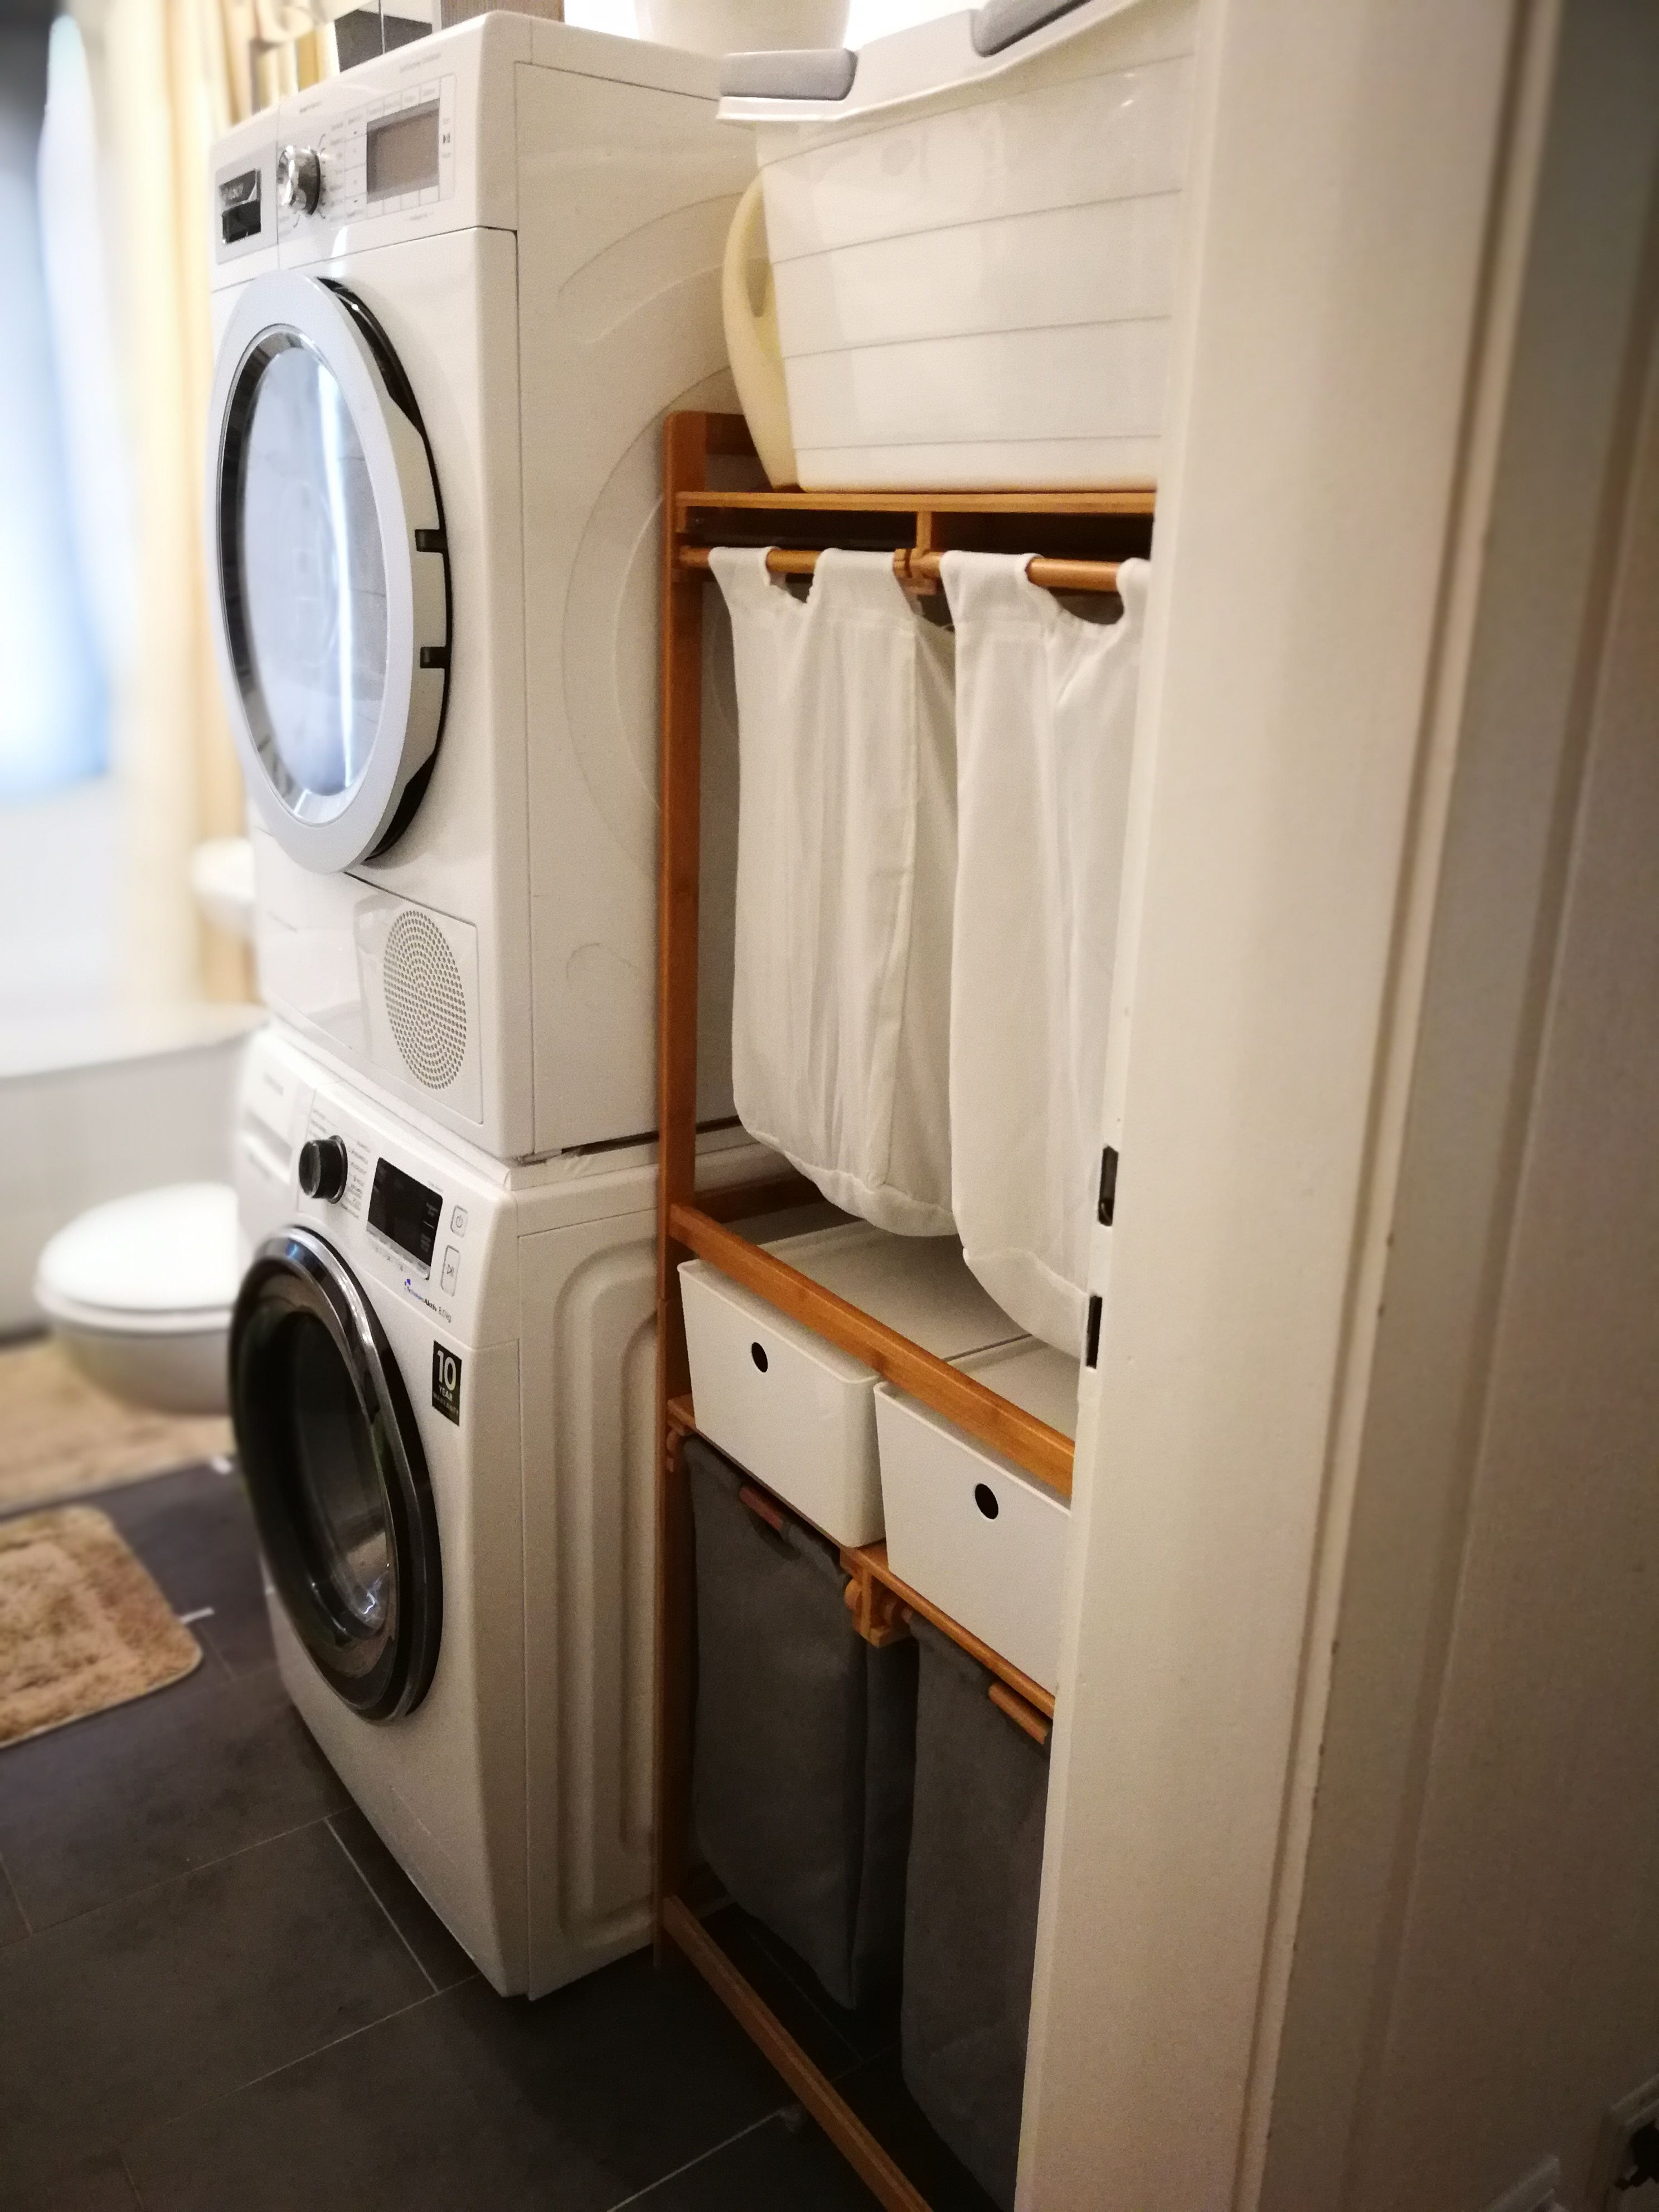 Mein neues Wäschestystem Zwar musste ich die zwei Wäschekörbe (ein Wäschekorb beinhaltet zwei